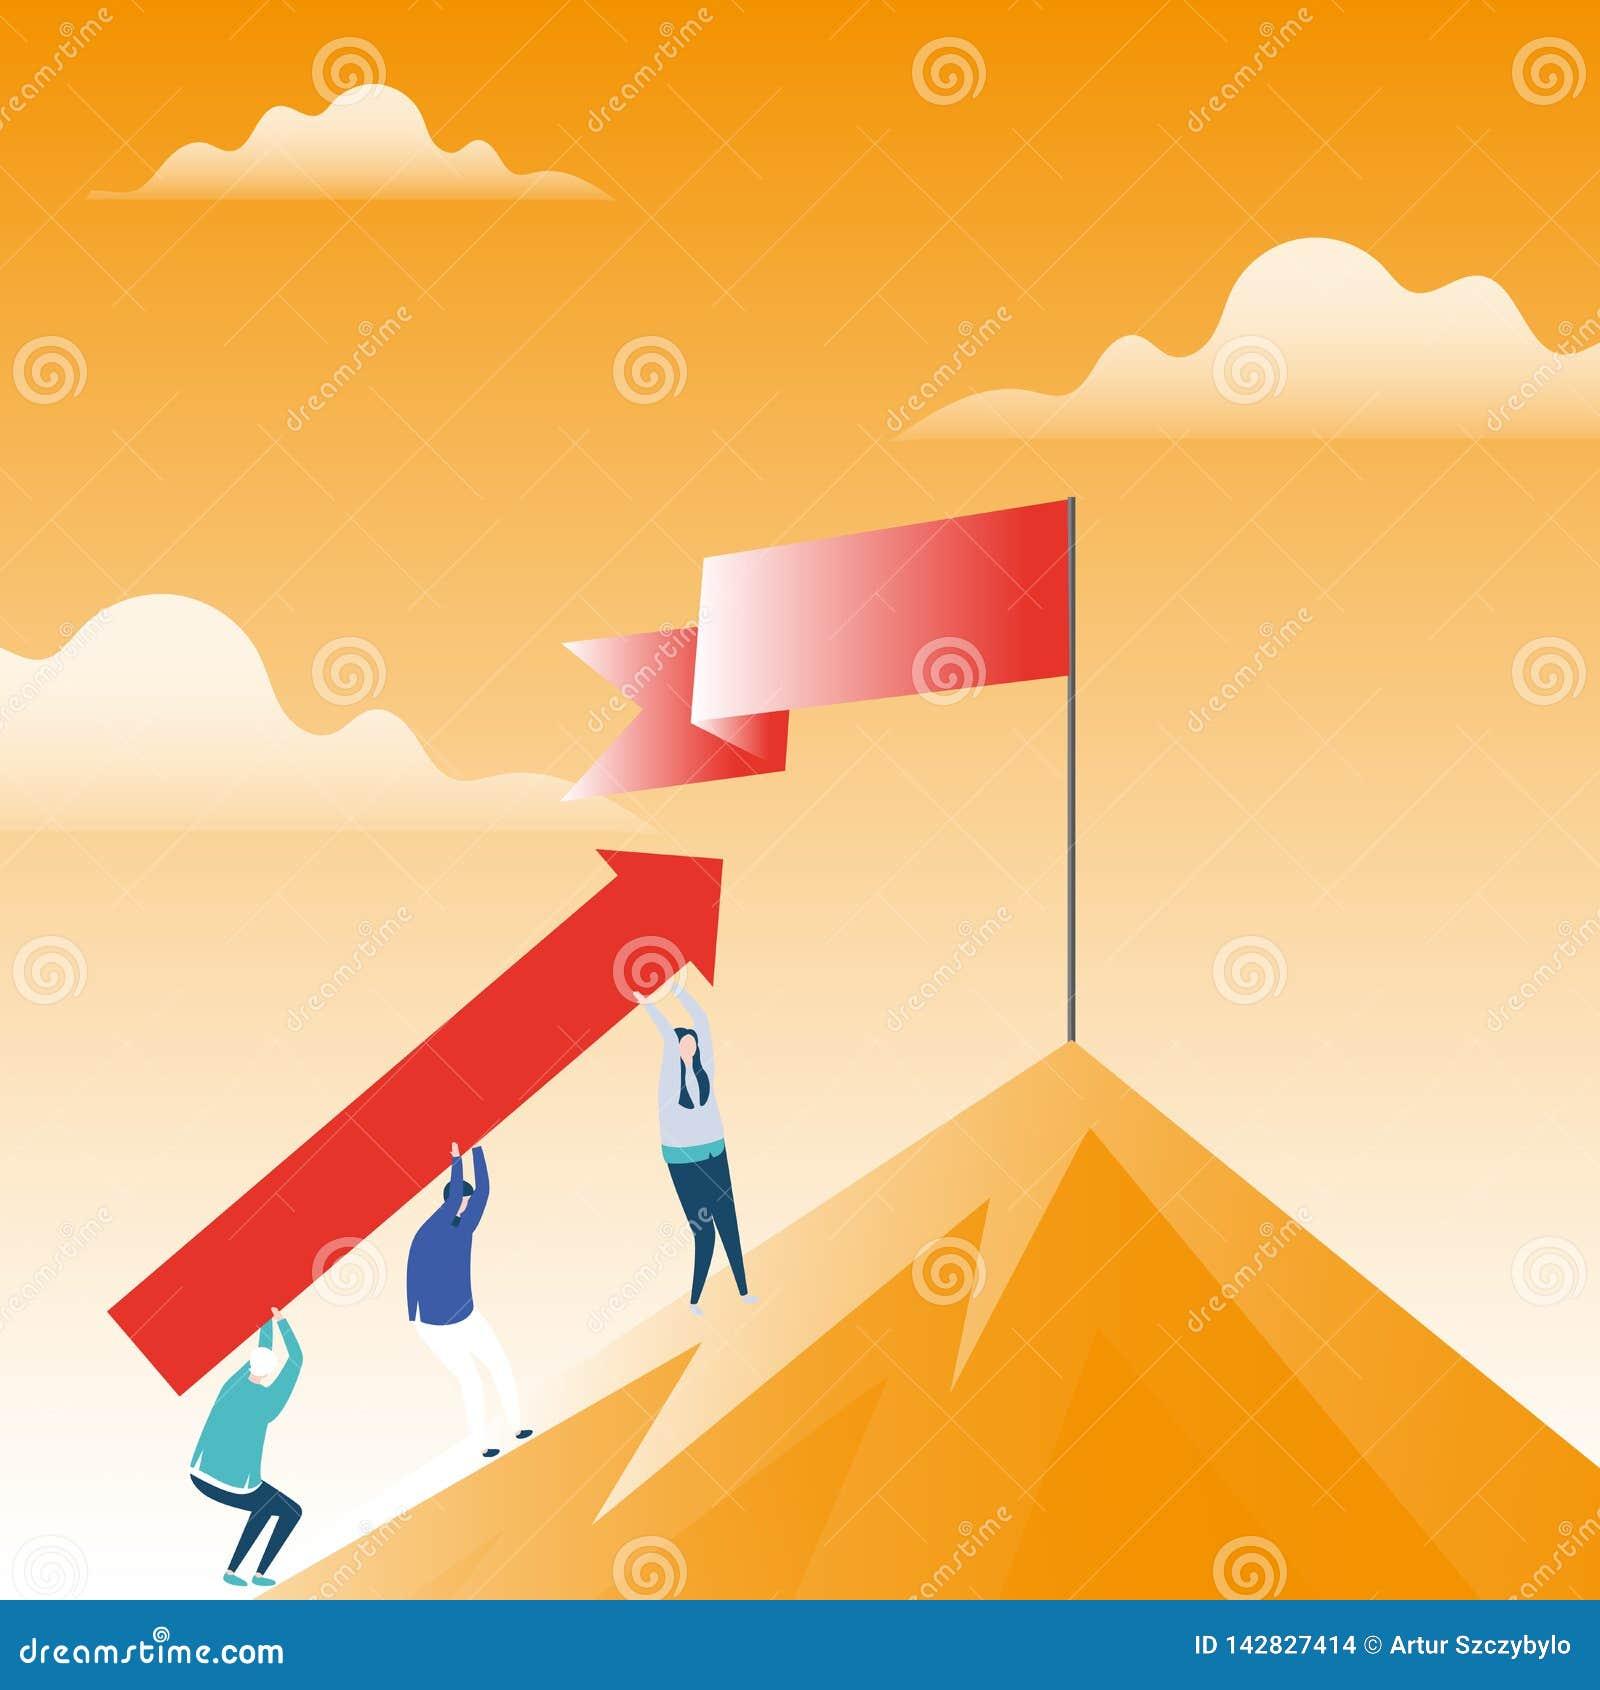 Illustratie van Mensen die Pijl dragen die de Berg met Spatie Gevouwen Banner bij Pool-de Status op de Piek uitgaan